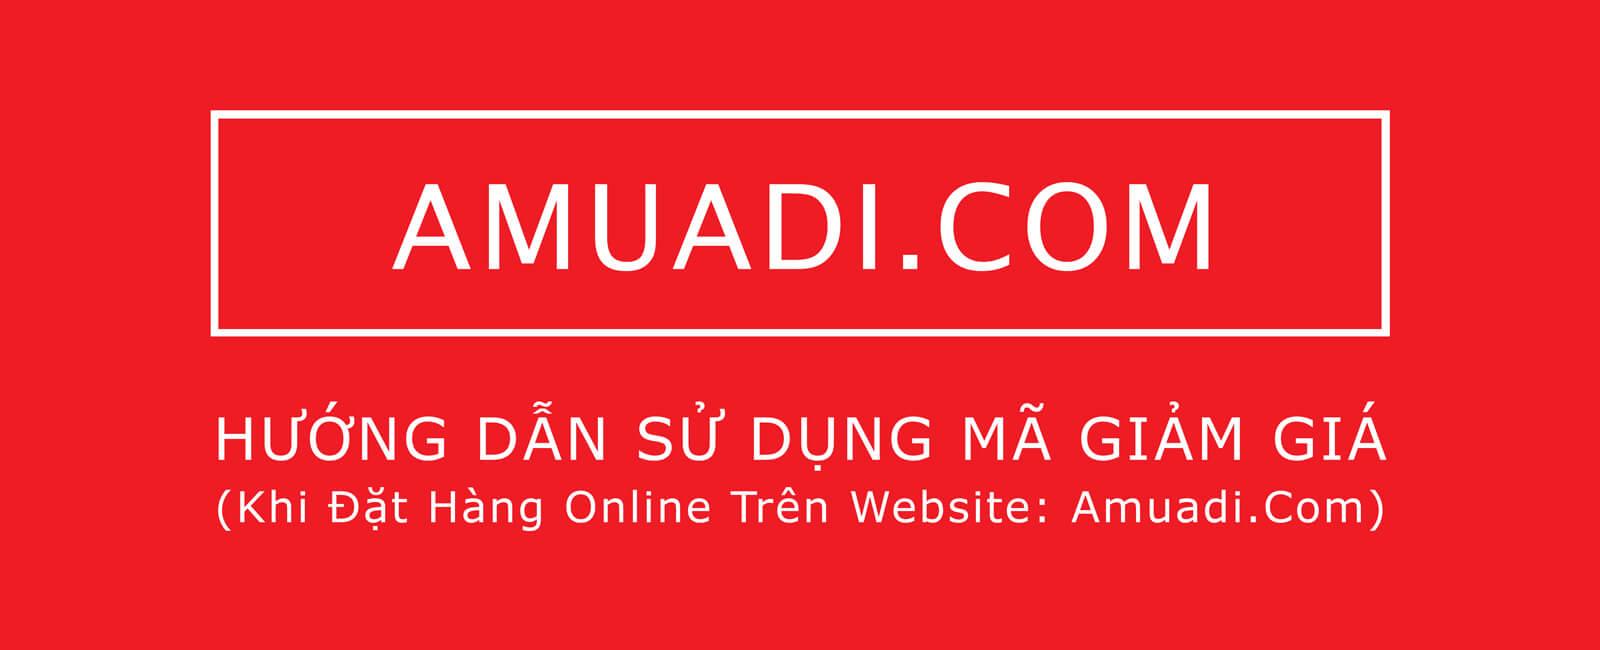 Hướng dẫn sử dụng mã giảm giá tại Amuadi.com mua máy hút bụi dọn dẹp nhà cửa ngày Tết